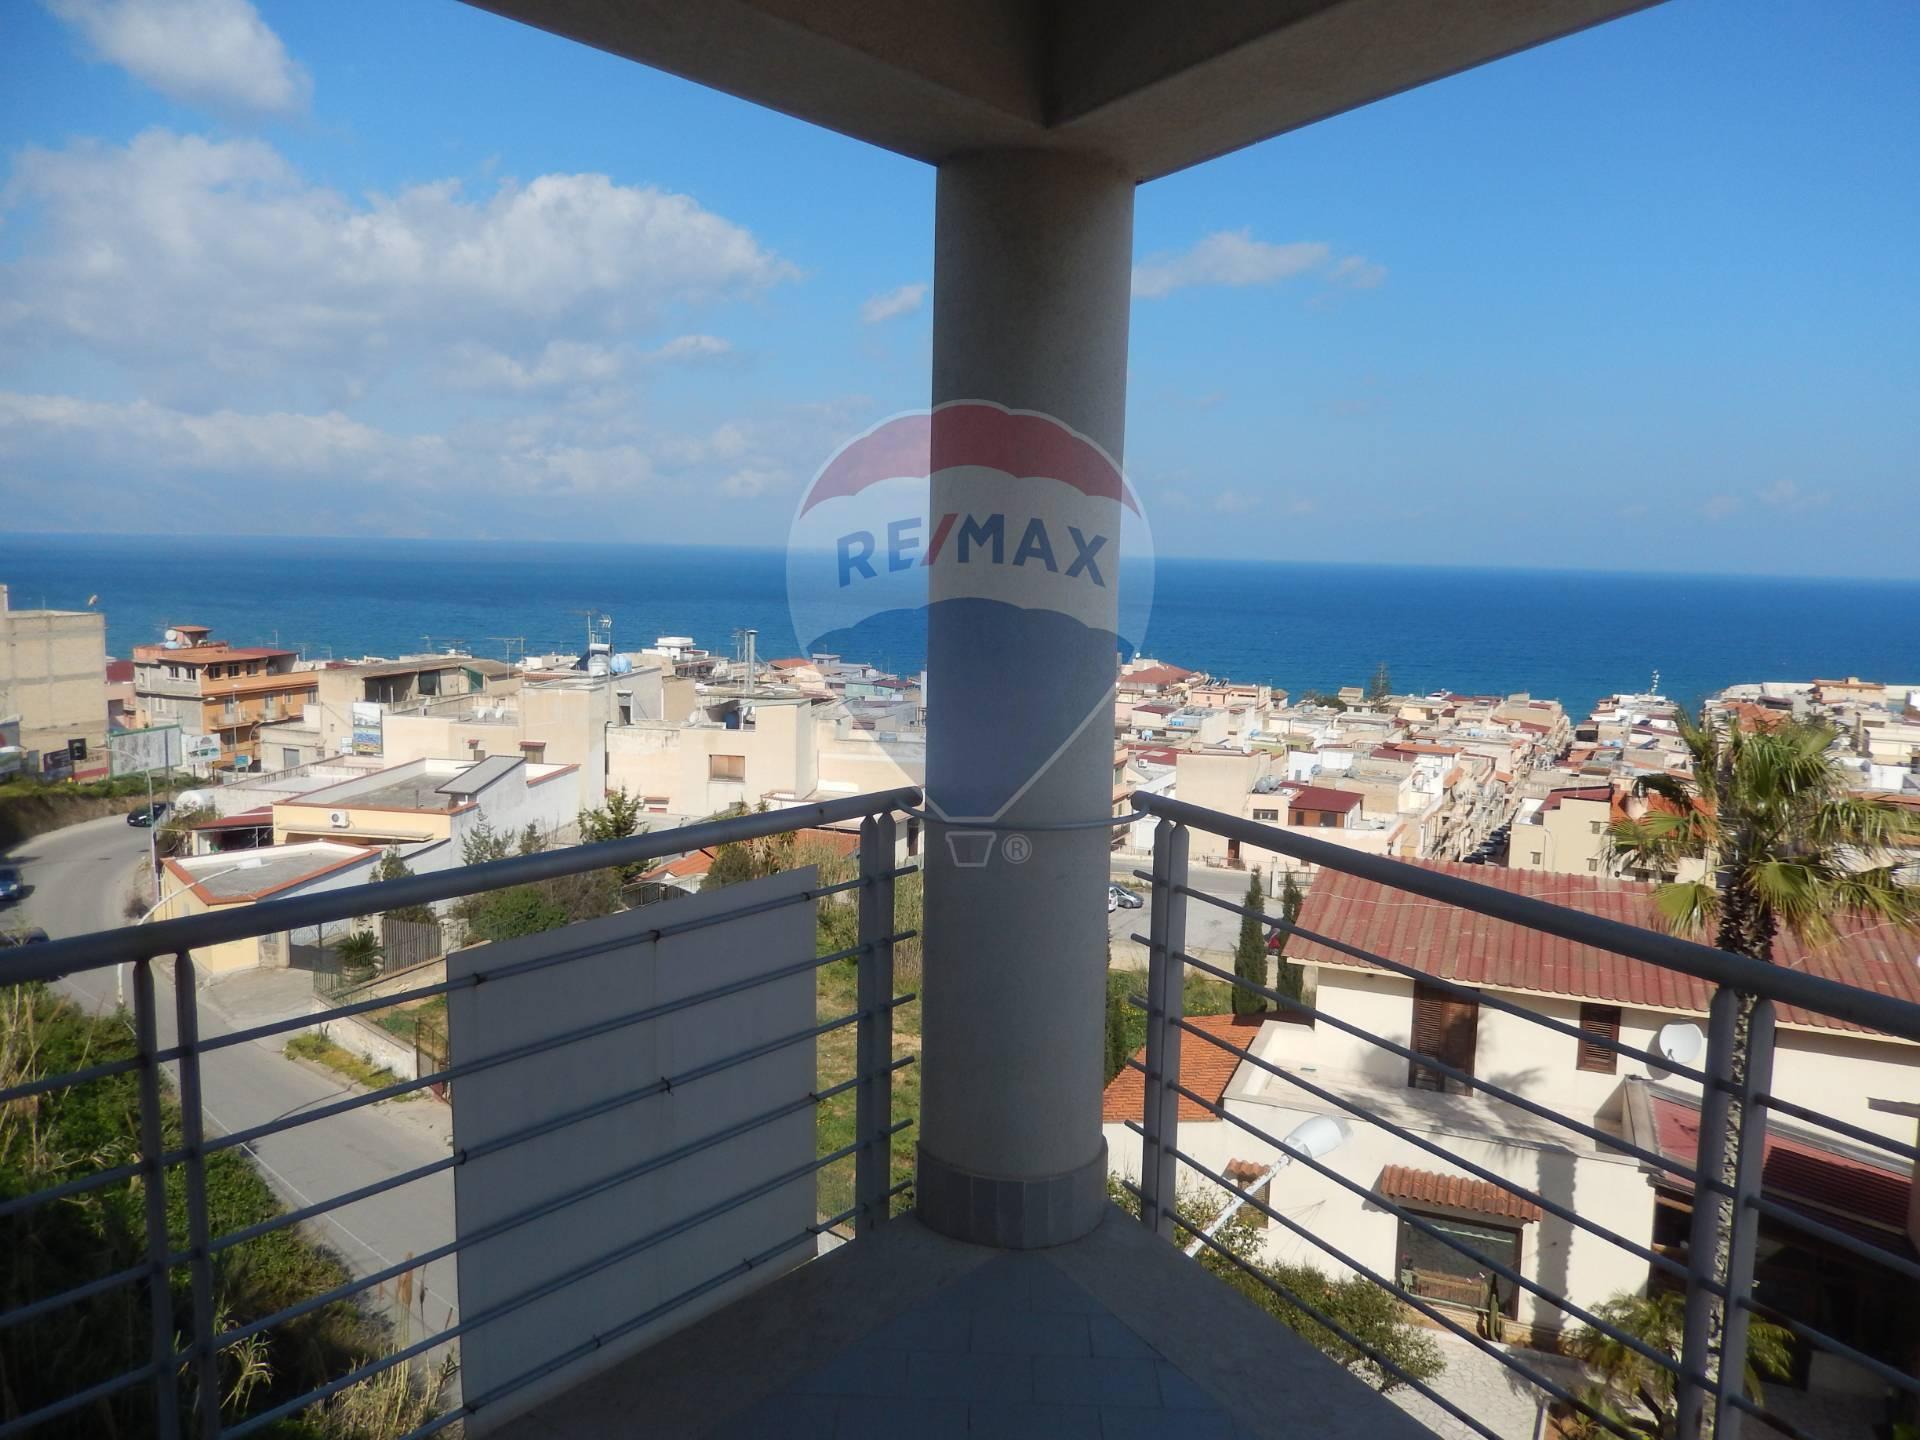 Appartamento in vendita Alcamo-centro Urbano-corso san francesco DI PAOLA Balestrate